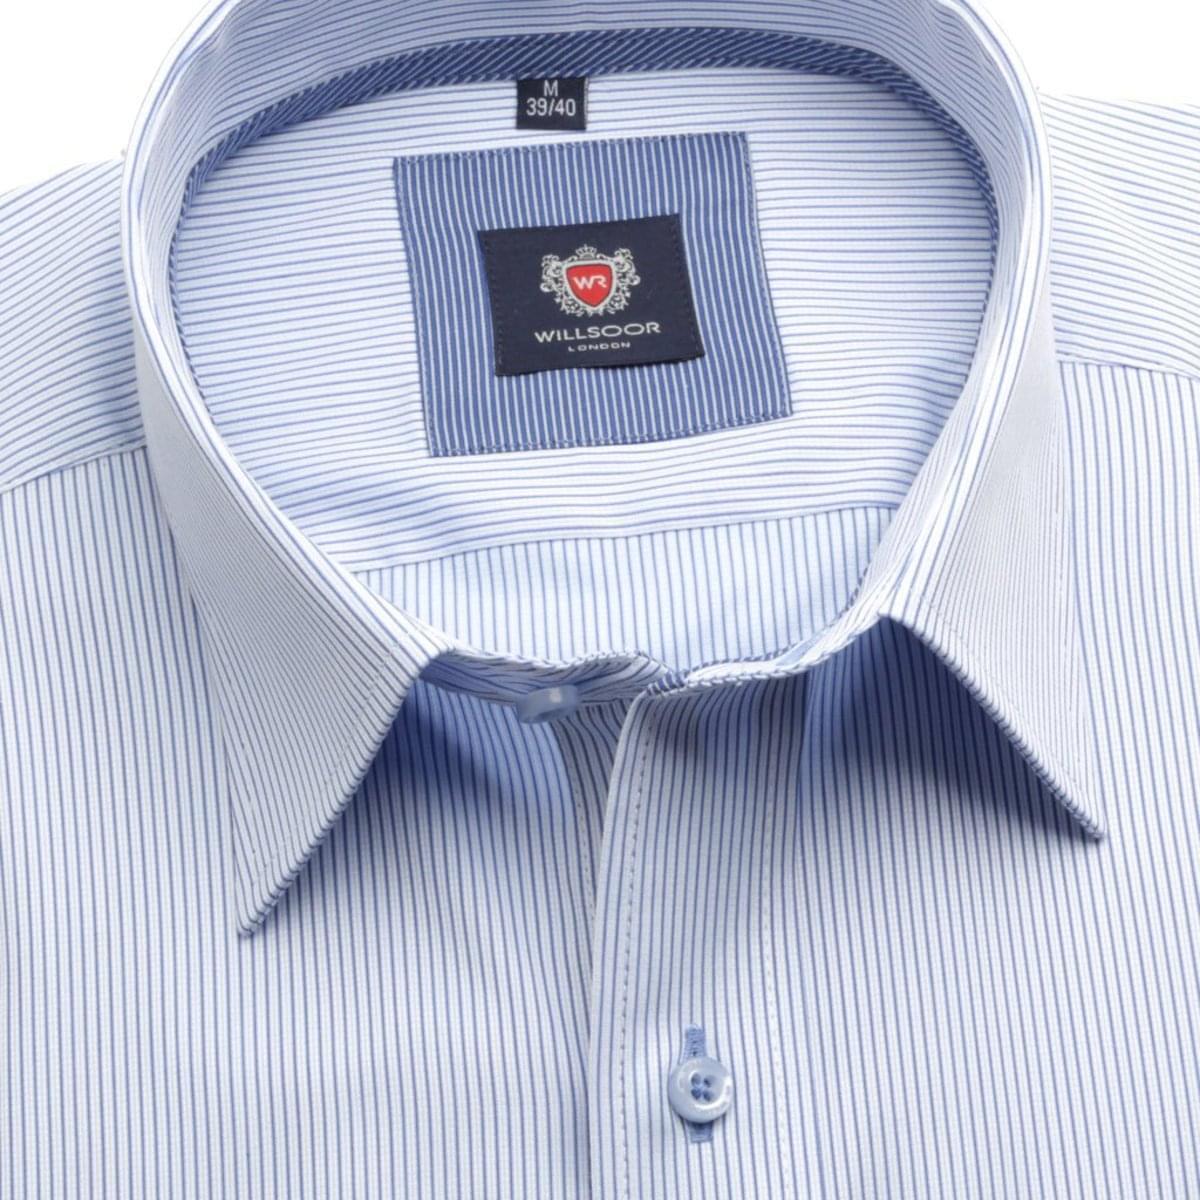 Pánská košile London (výška 176-182) 5774 v bílé barvě 176-182 / L (41/42)